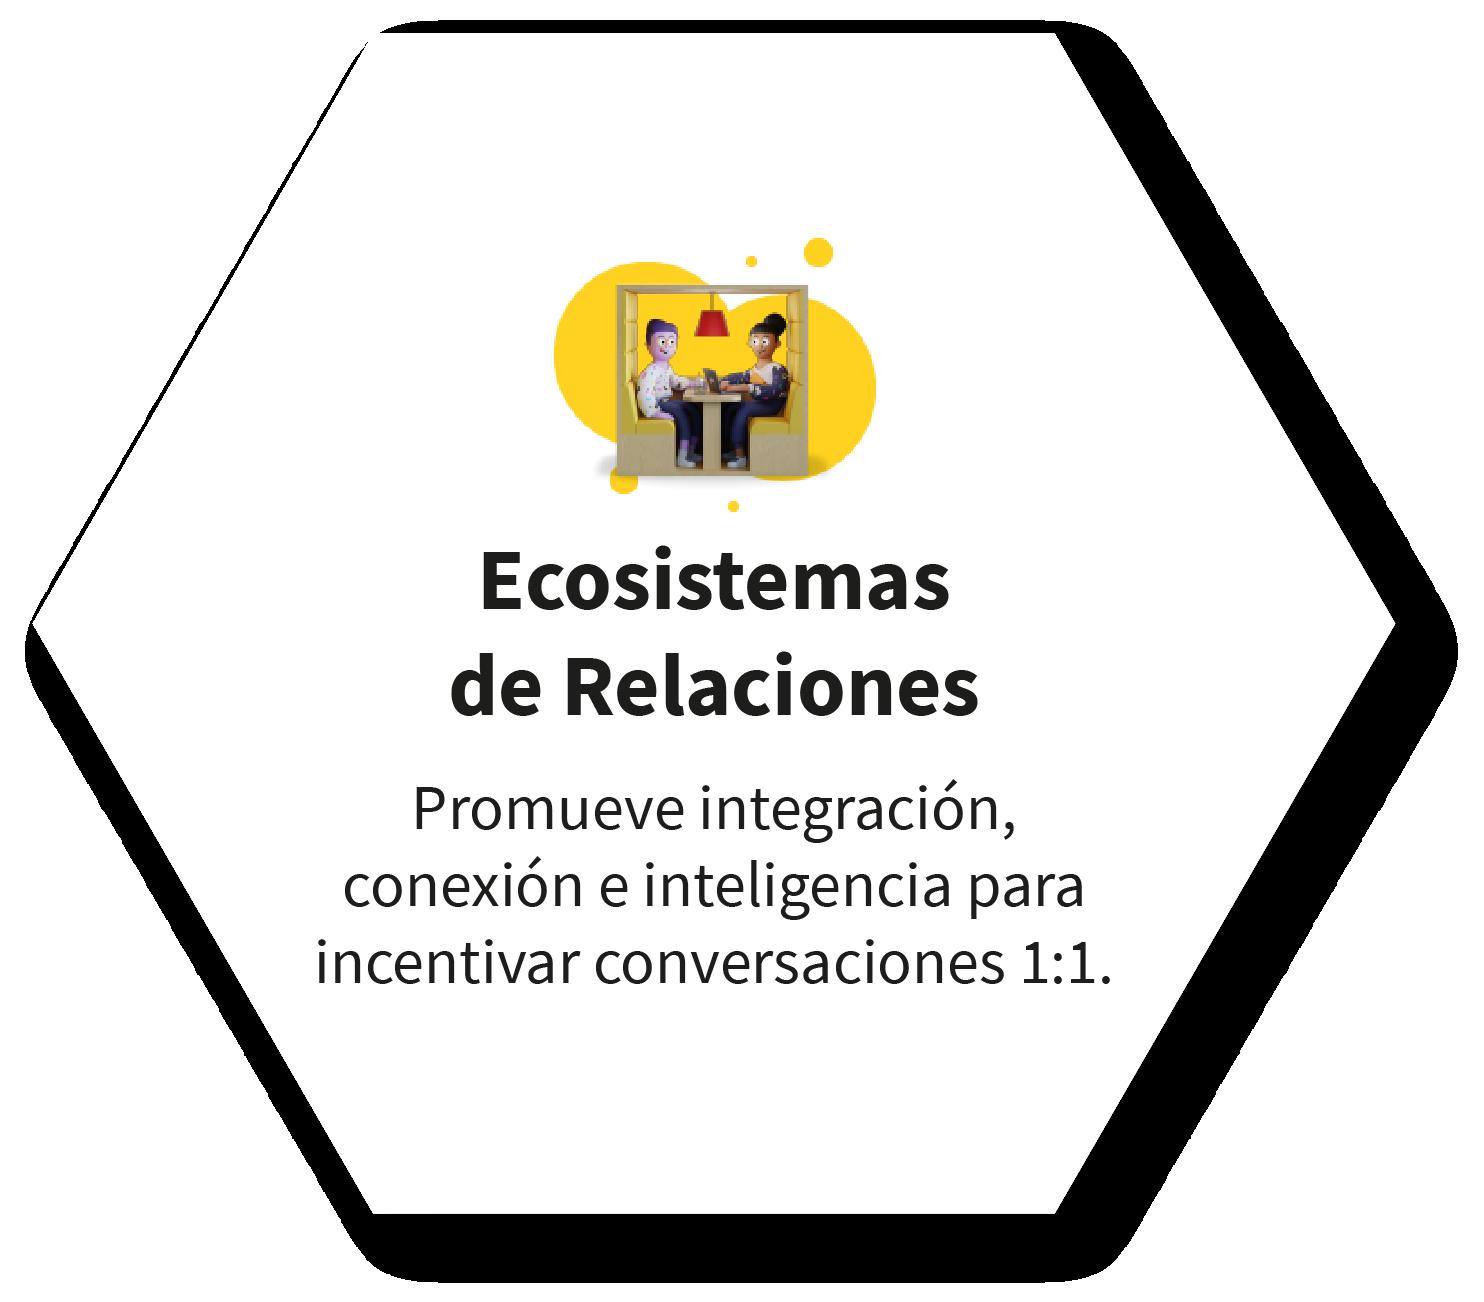 Ecosistemas de Relaciones